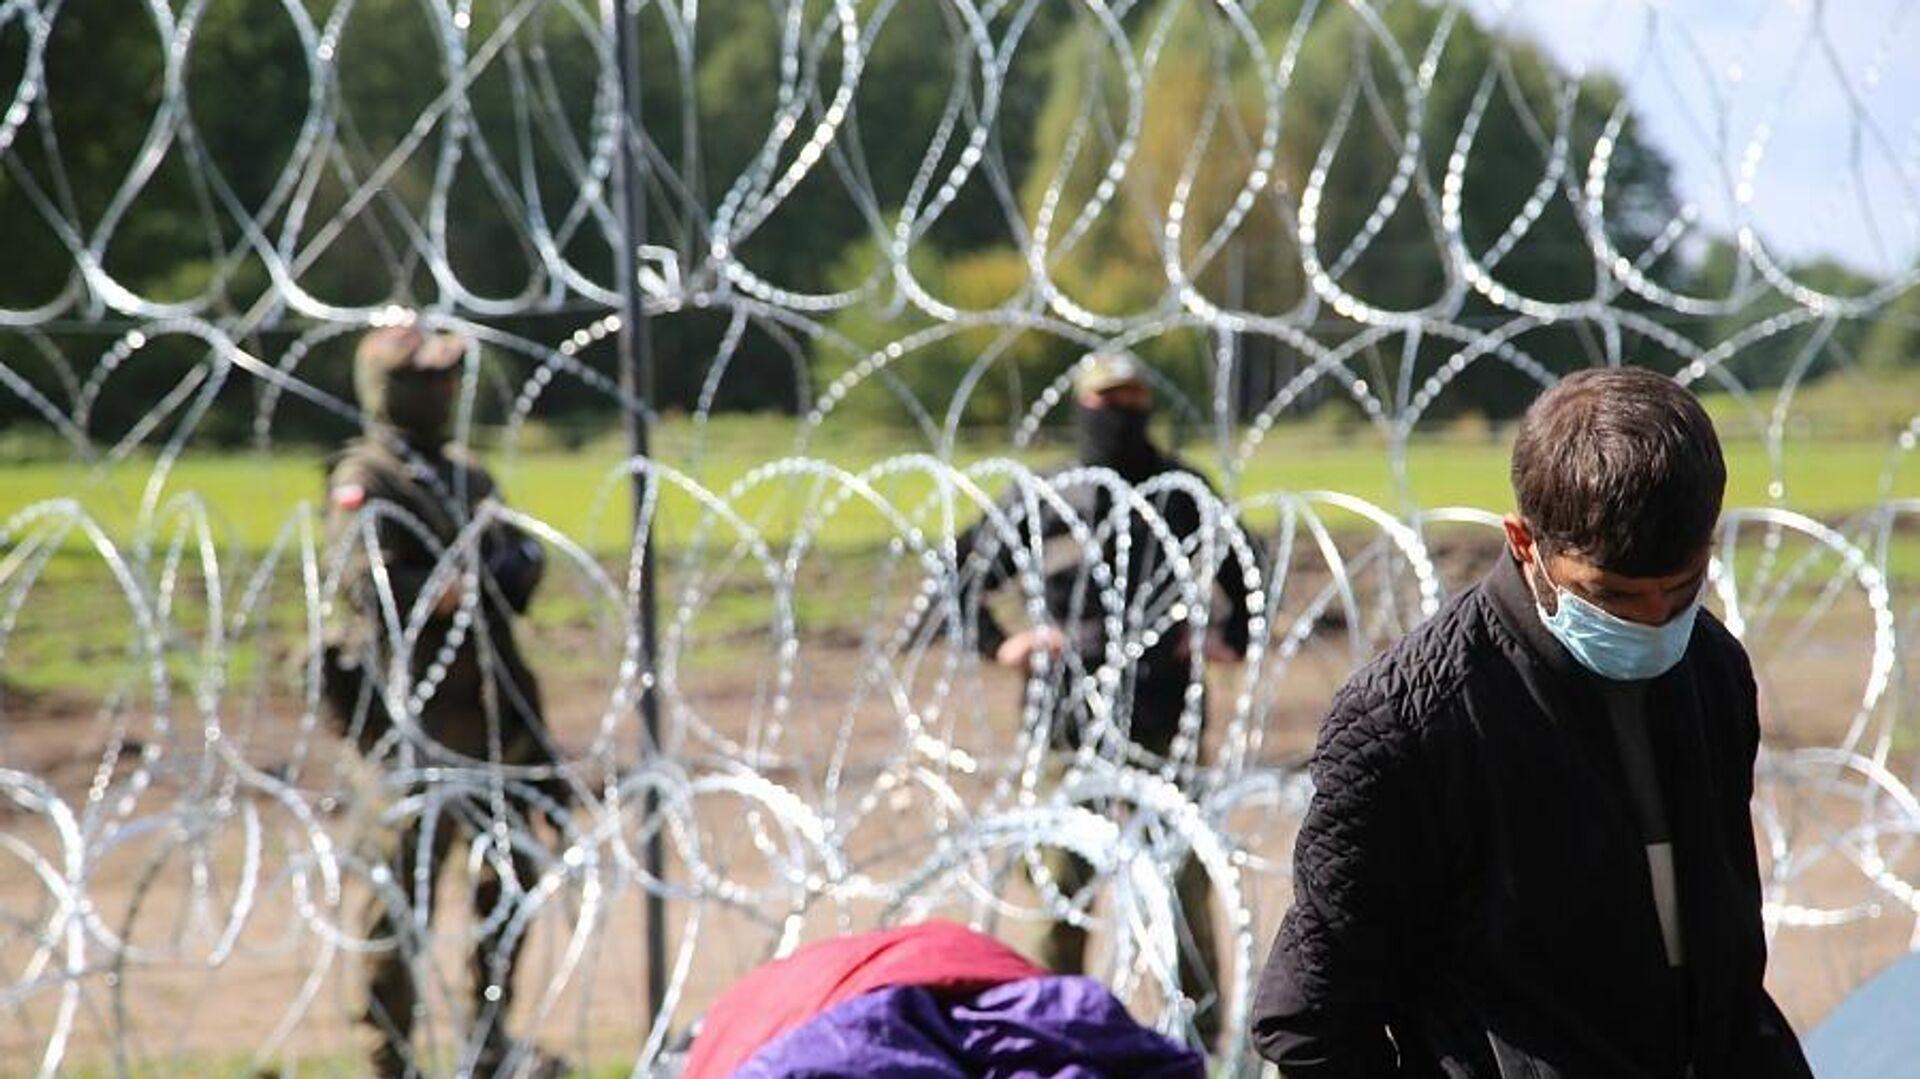 Афганские беженцы, находящиеся на польско-белорусской границе, 13 сентября 2021 года - Sputnik Latvija, 1920, 10.10.2021